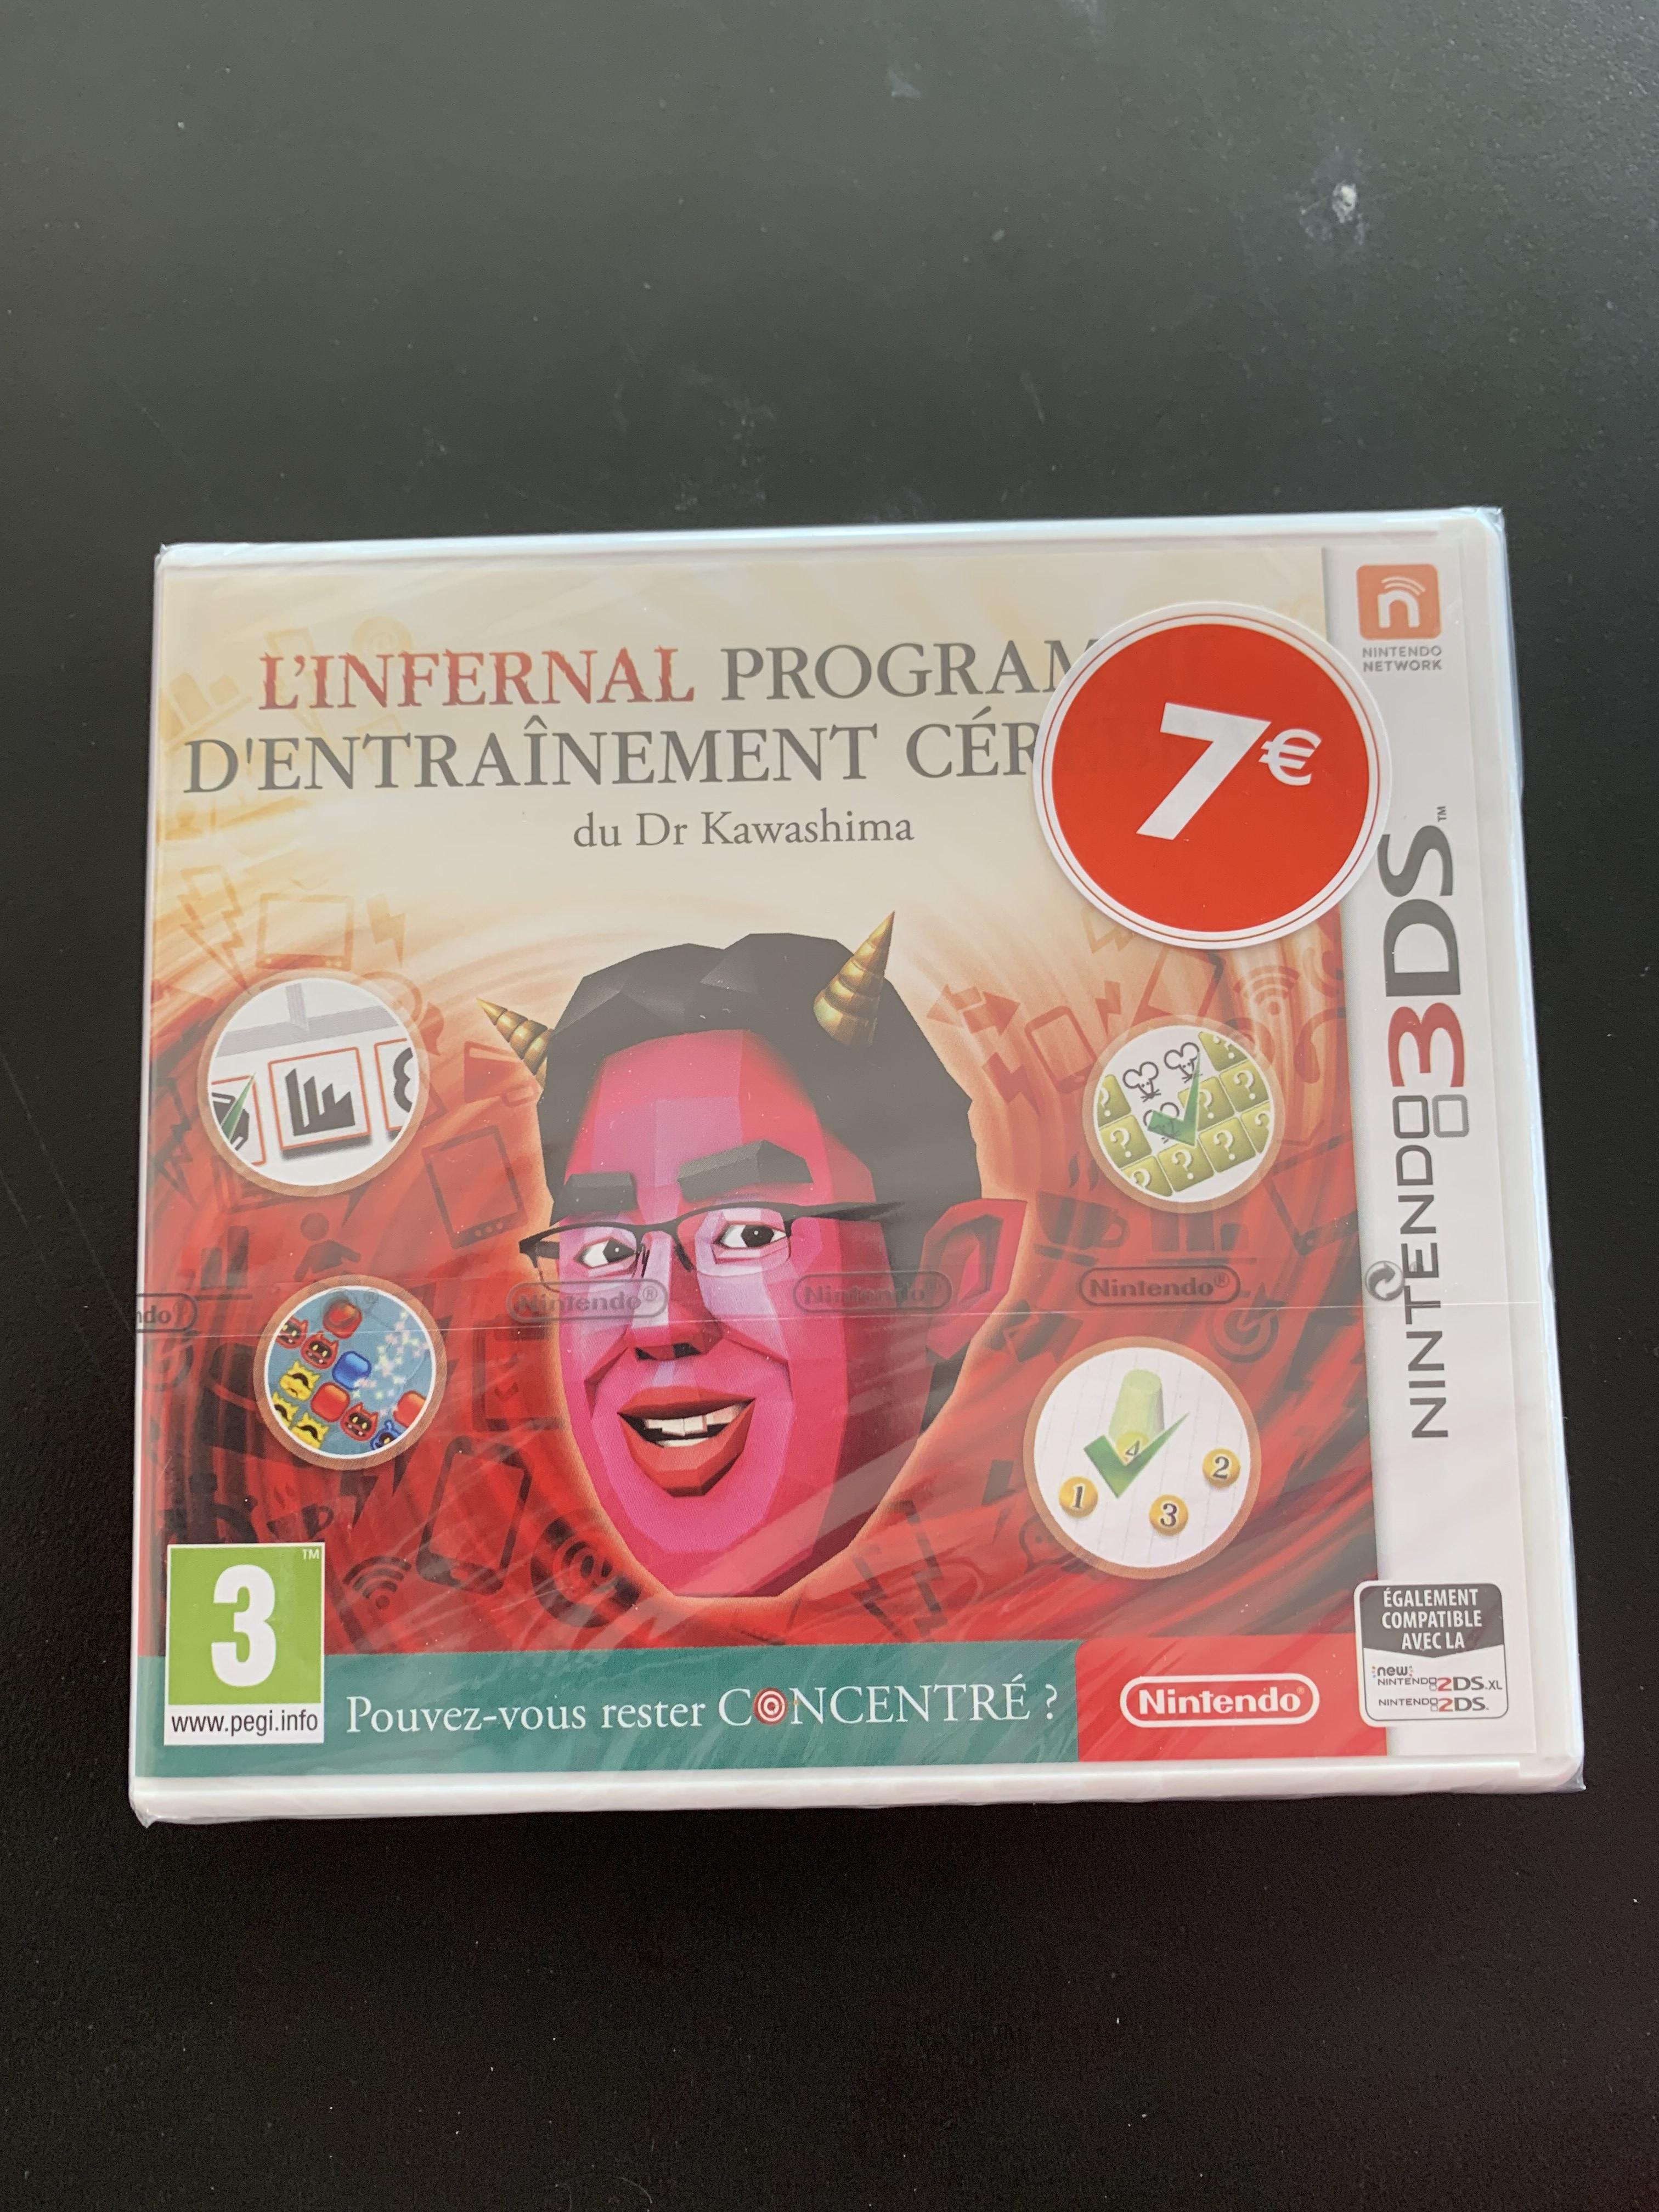 L'infernal programme d'entraînement cérébral du Dr Kawashima sur Nintendo 3DS - Carrefour Nîmes Sud (30)